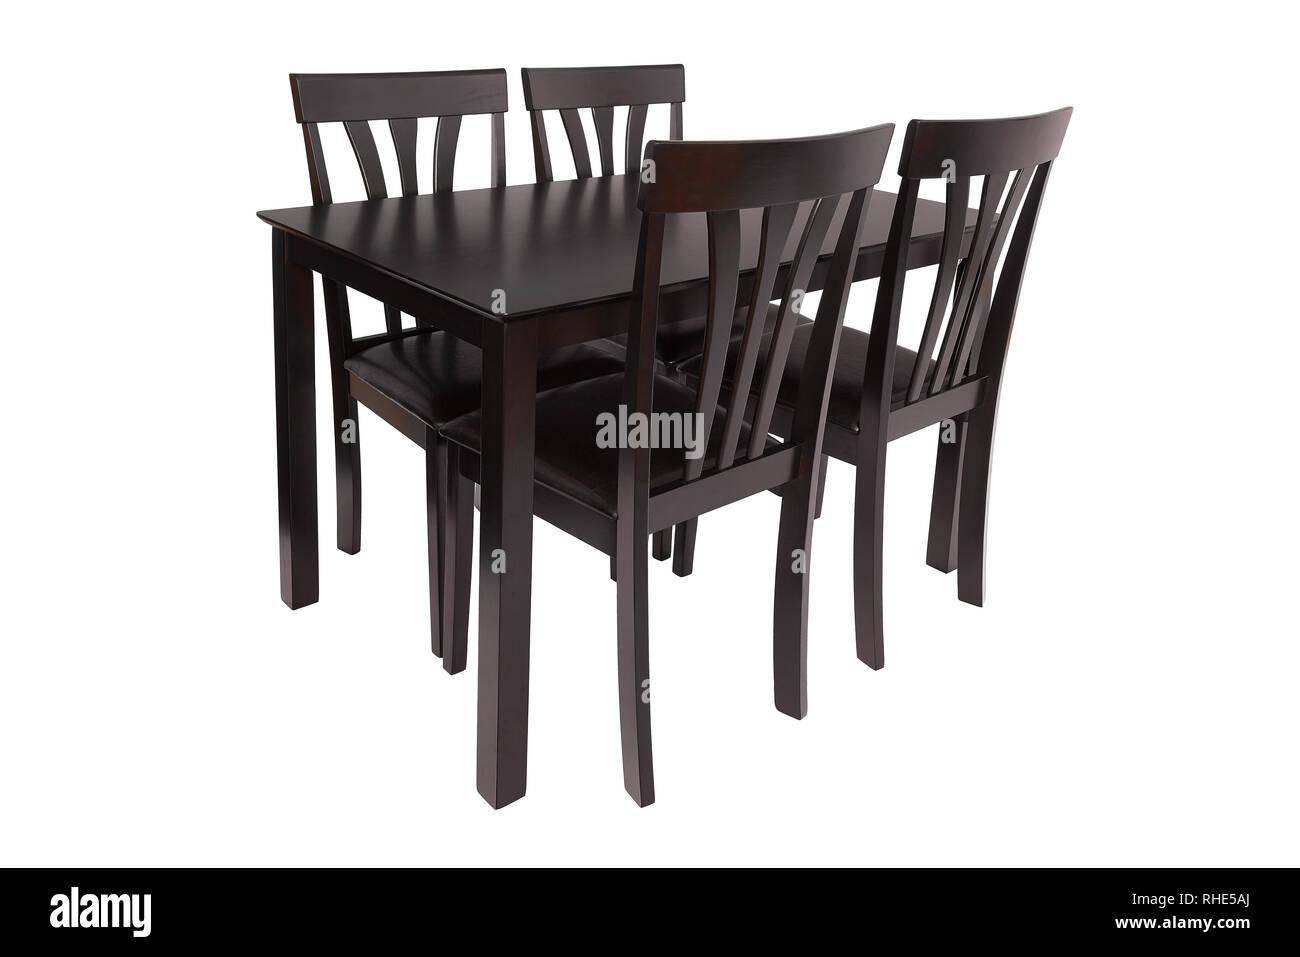 Mobili Della Sala Da Pranzo : Sala da pranzo mobili serie di tavolo e quattro sedie cene